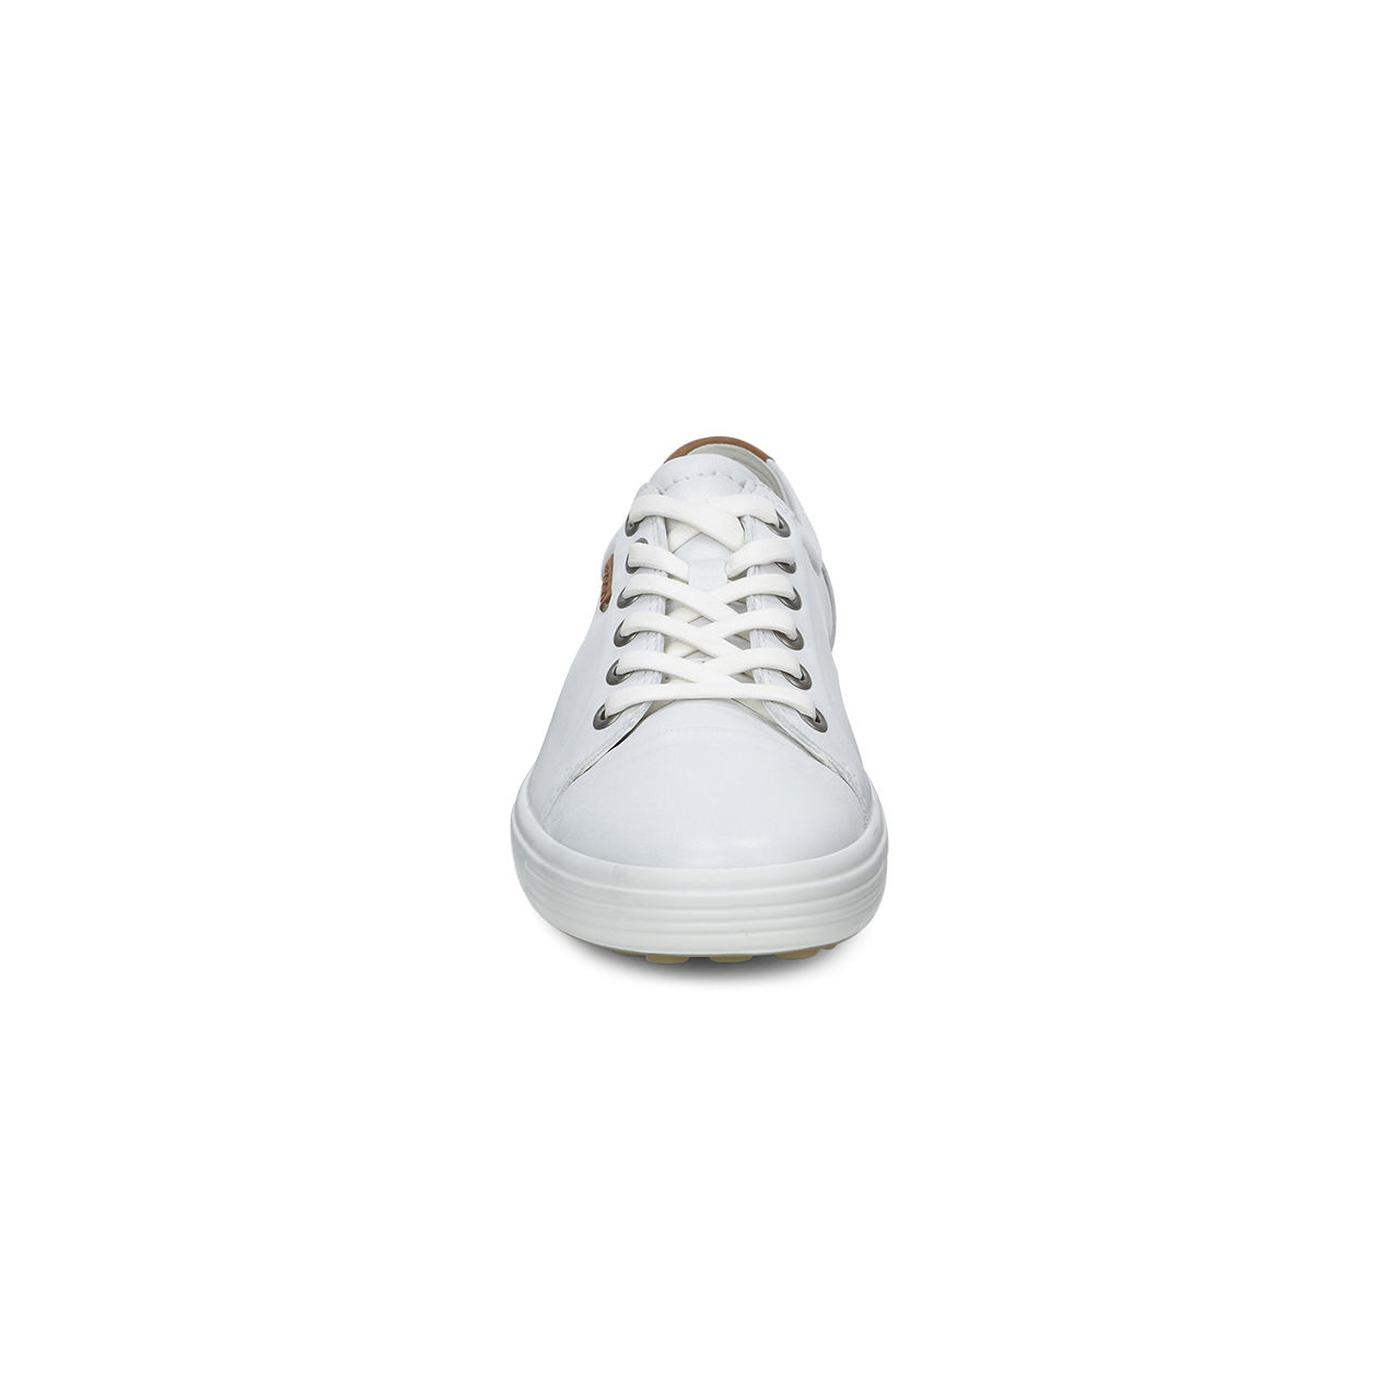 b9edb7290 ECCO Women's Soft 7 Sneaker | Women's Casual Shoes | ECCO® Shoes